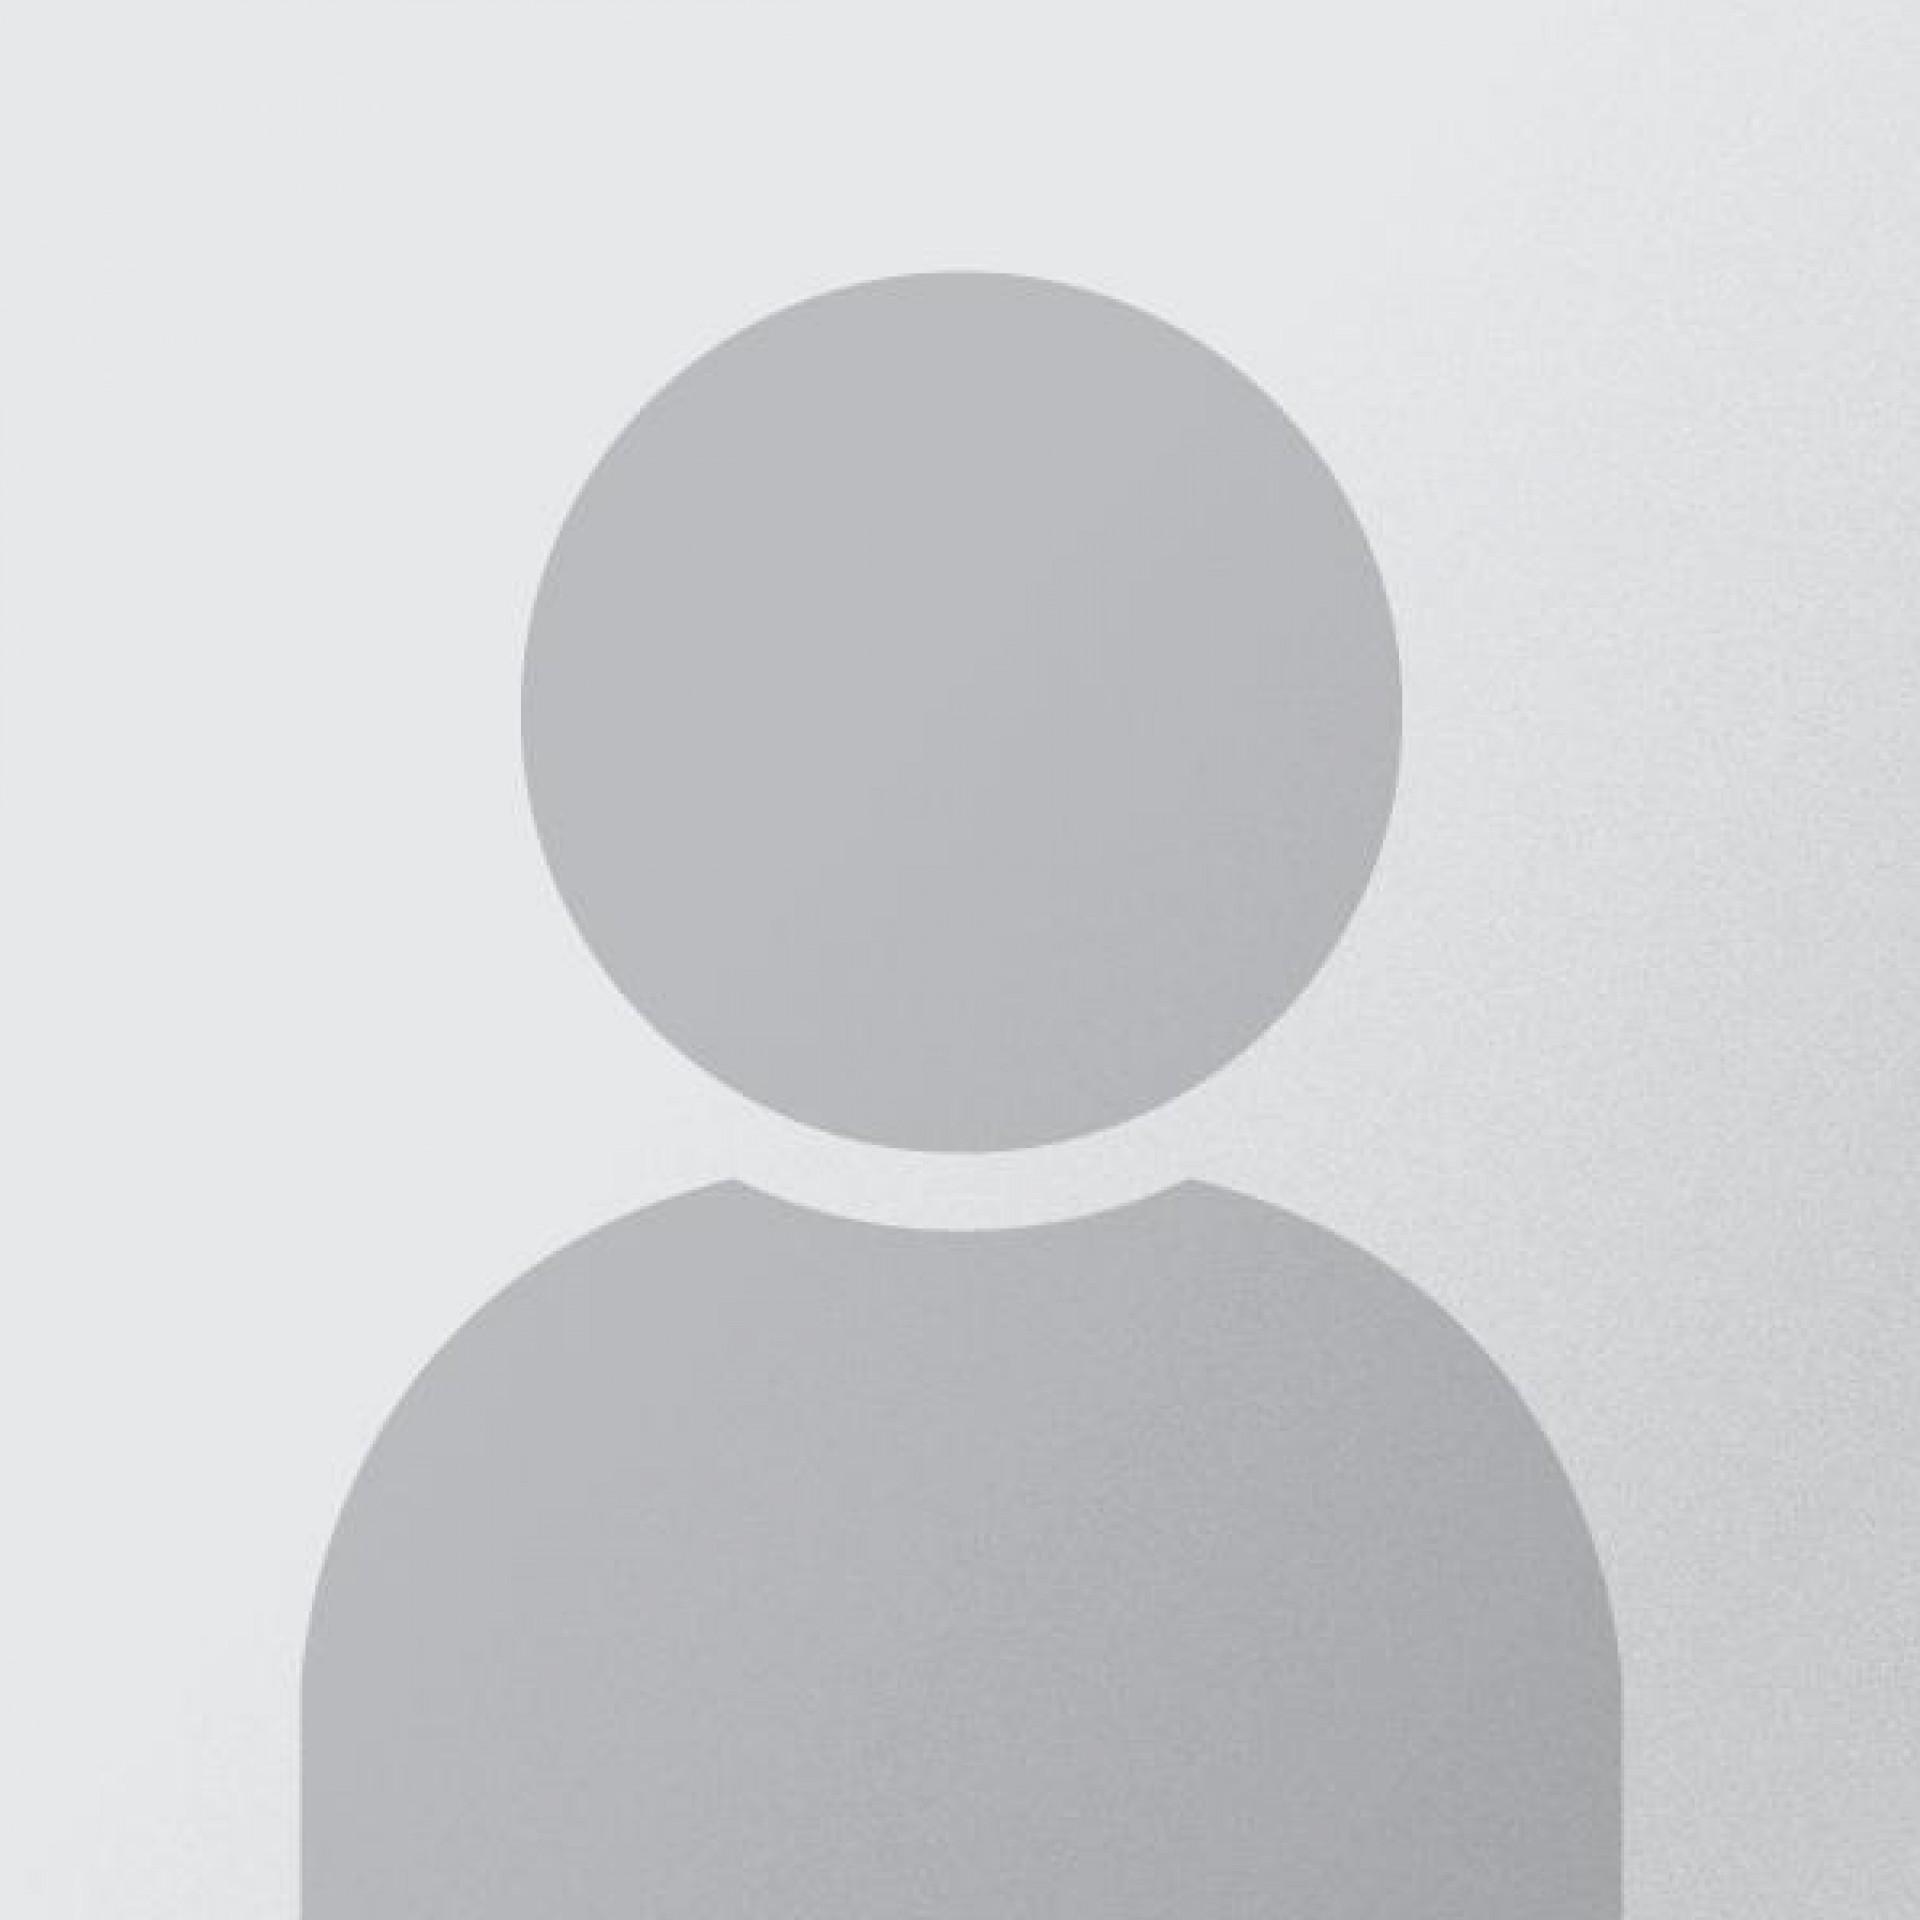 fotografia p021 profilu 0102VWWLQ4